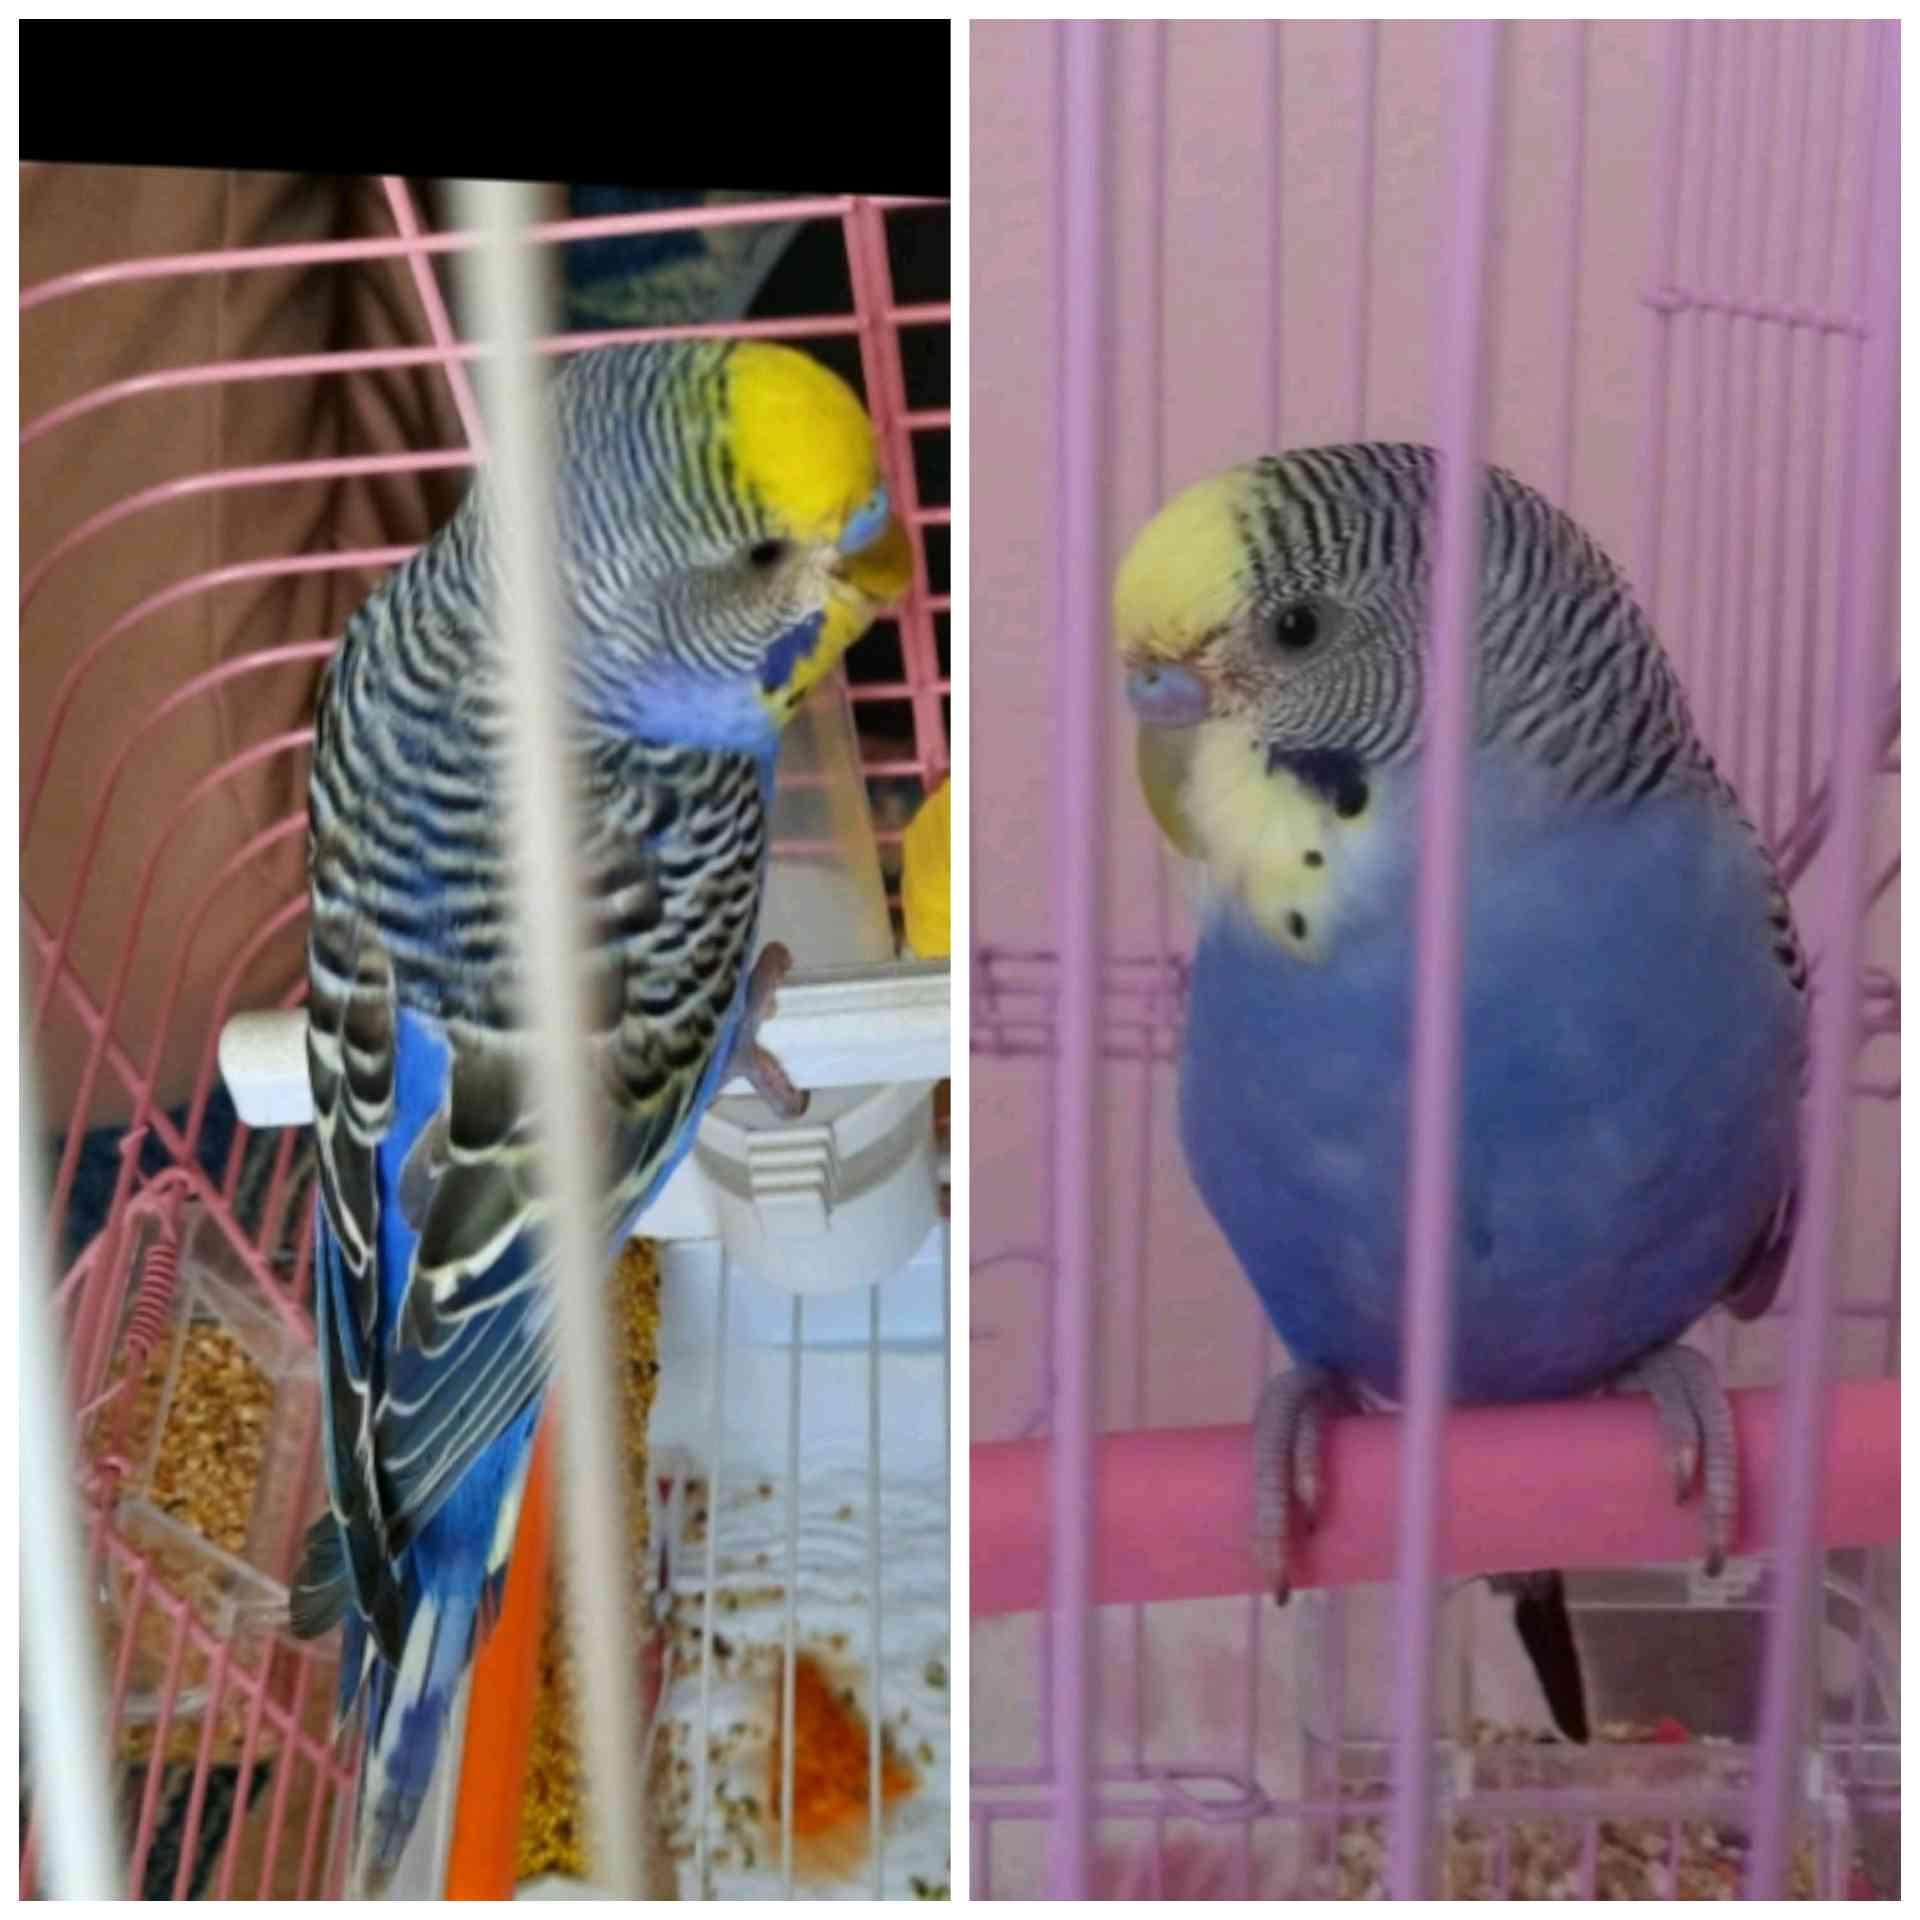 İstanbul Kağıthane'de muhabbet kuşum kayboldu